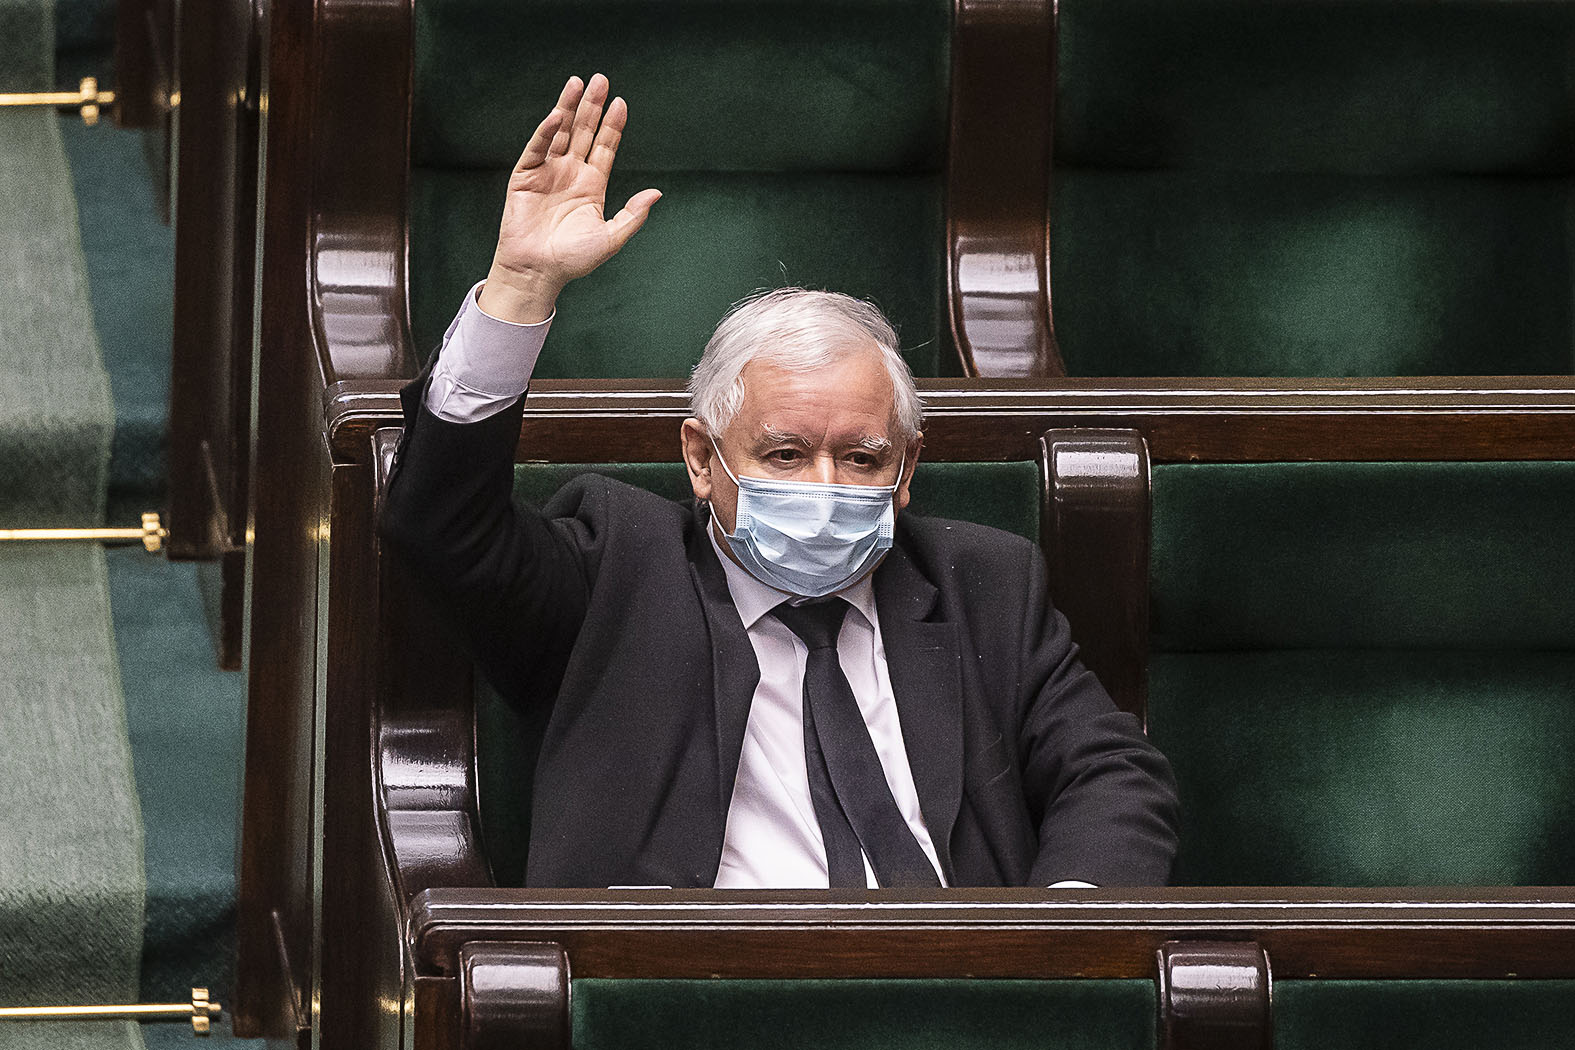 A jobboldal vezetője Jaroslaw Kaczynski formálisan Mateusz Morawiecki kormányfő alárendeltje lesz #moszkvater